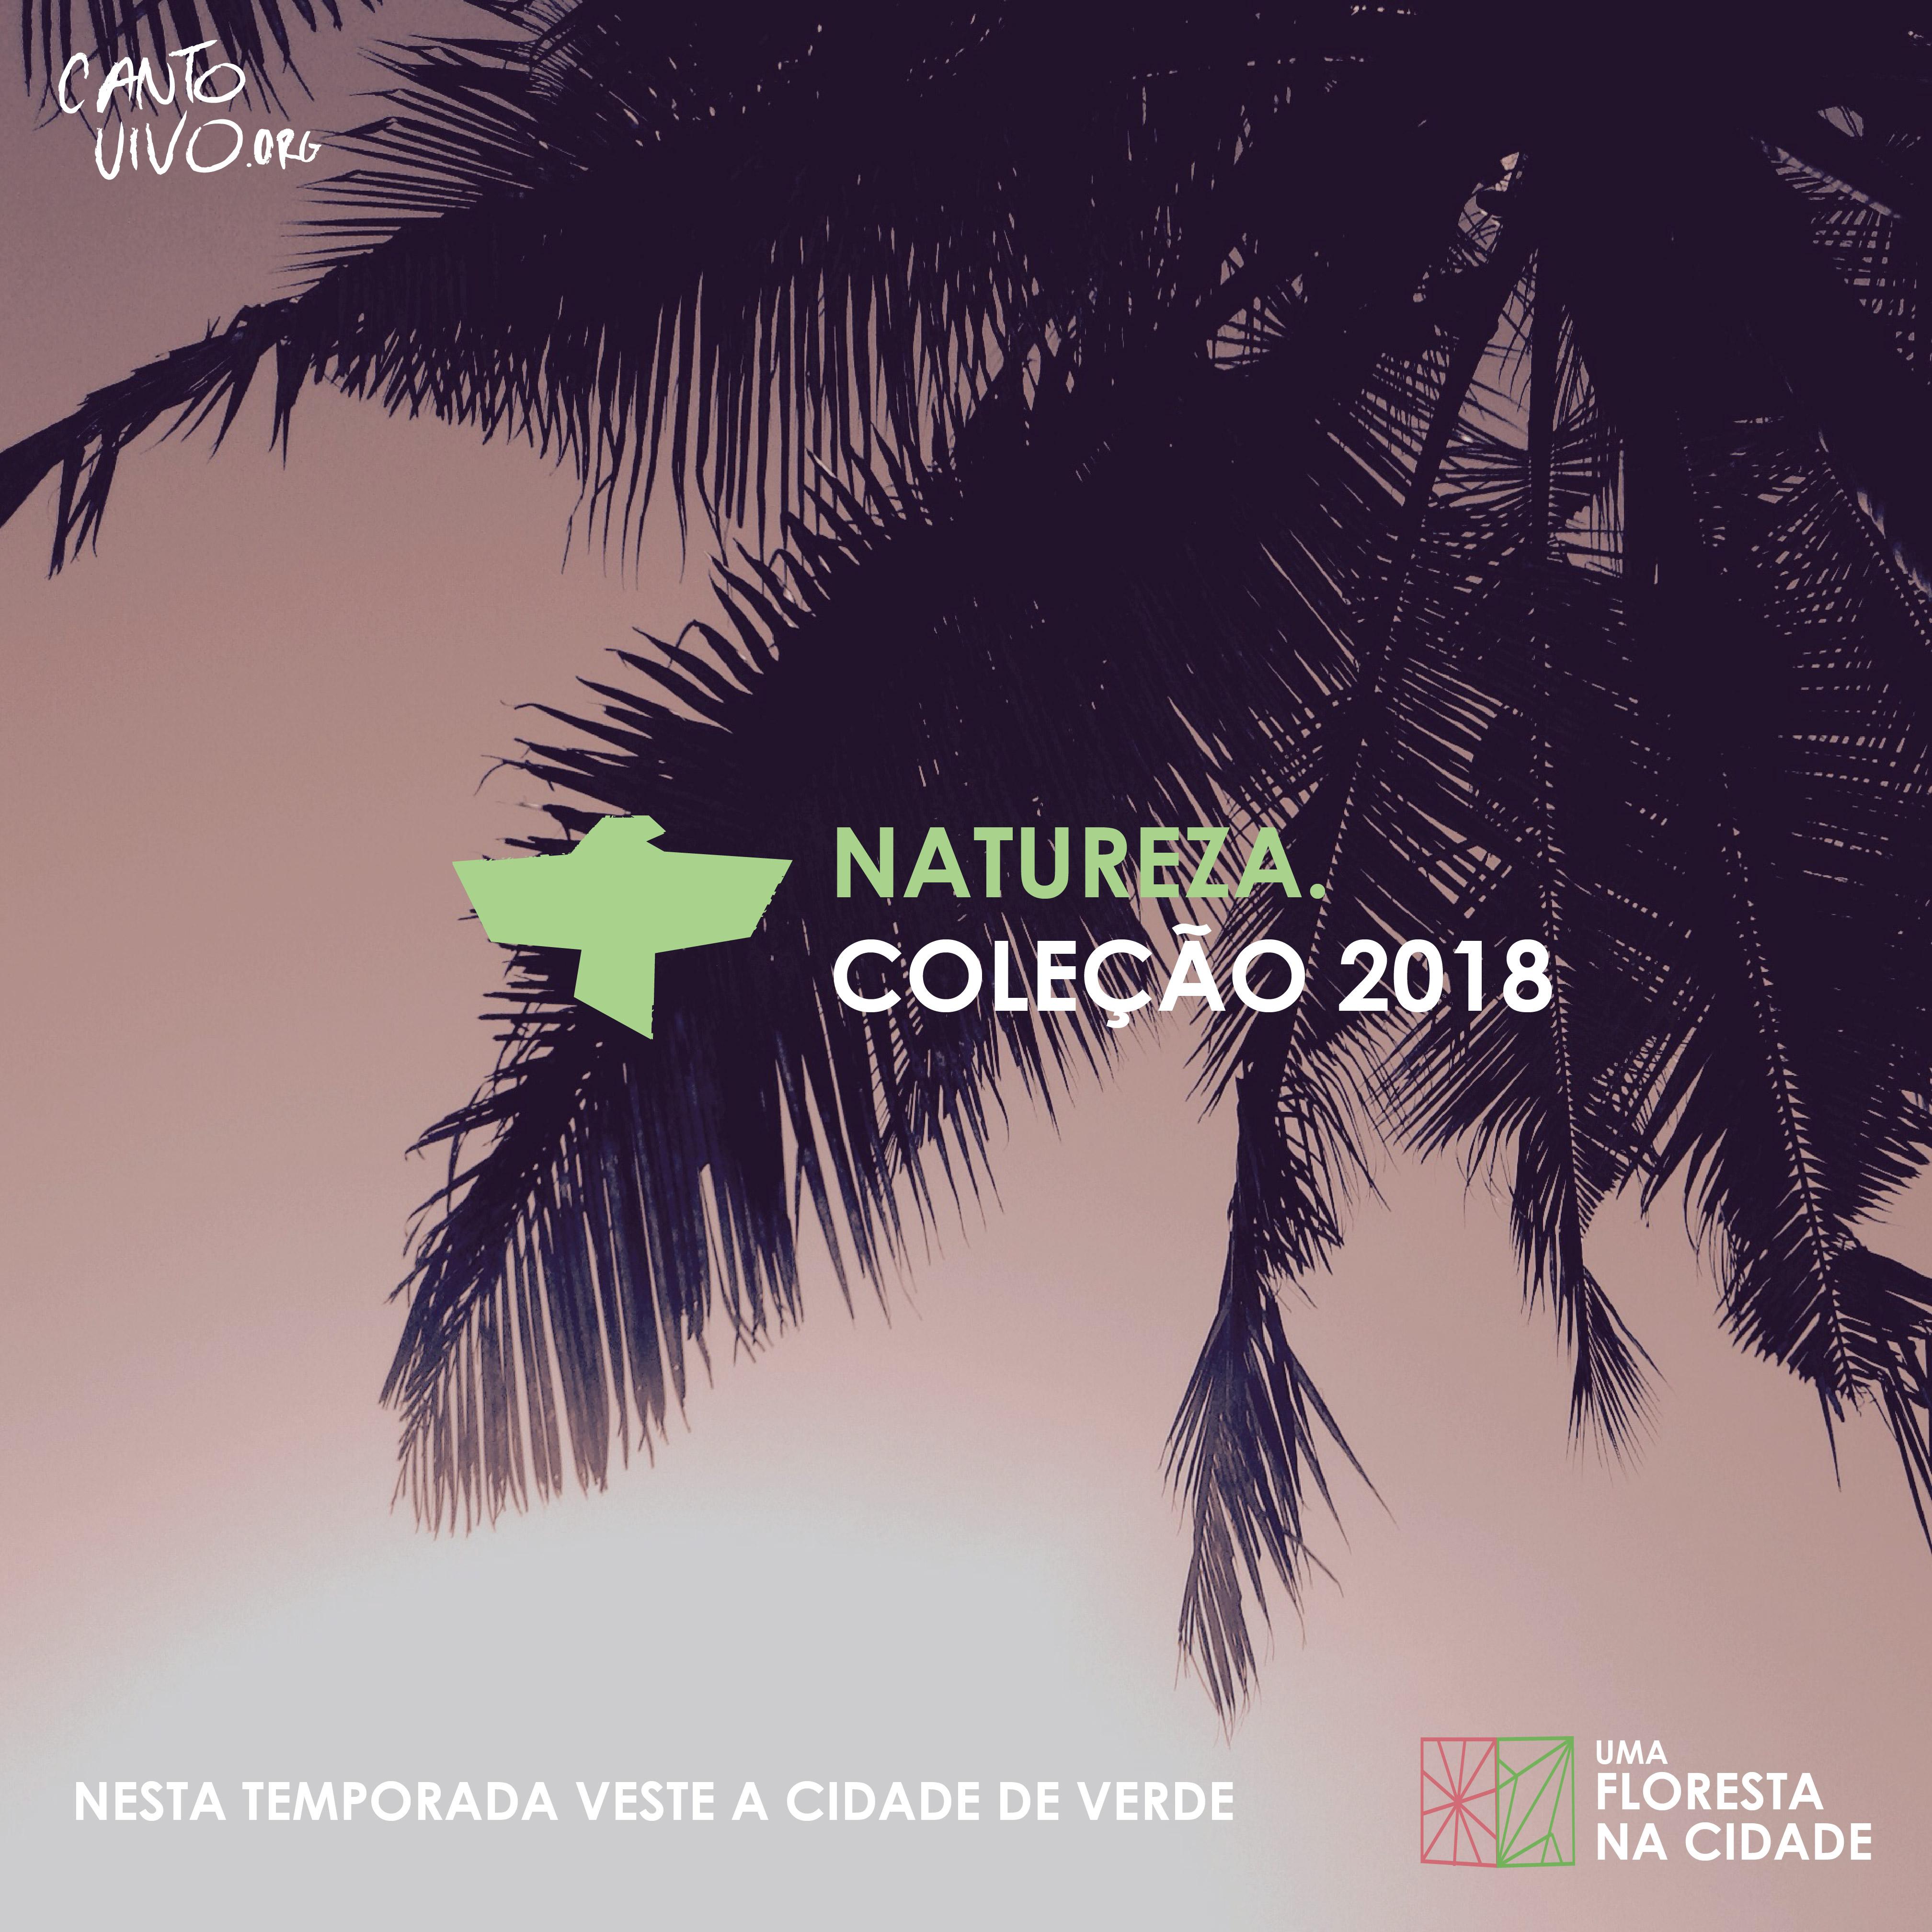 CANTO VIVO FLORESTA 2018-03